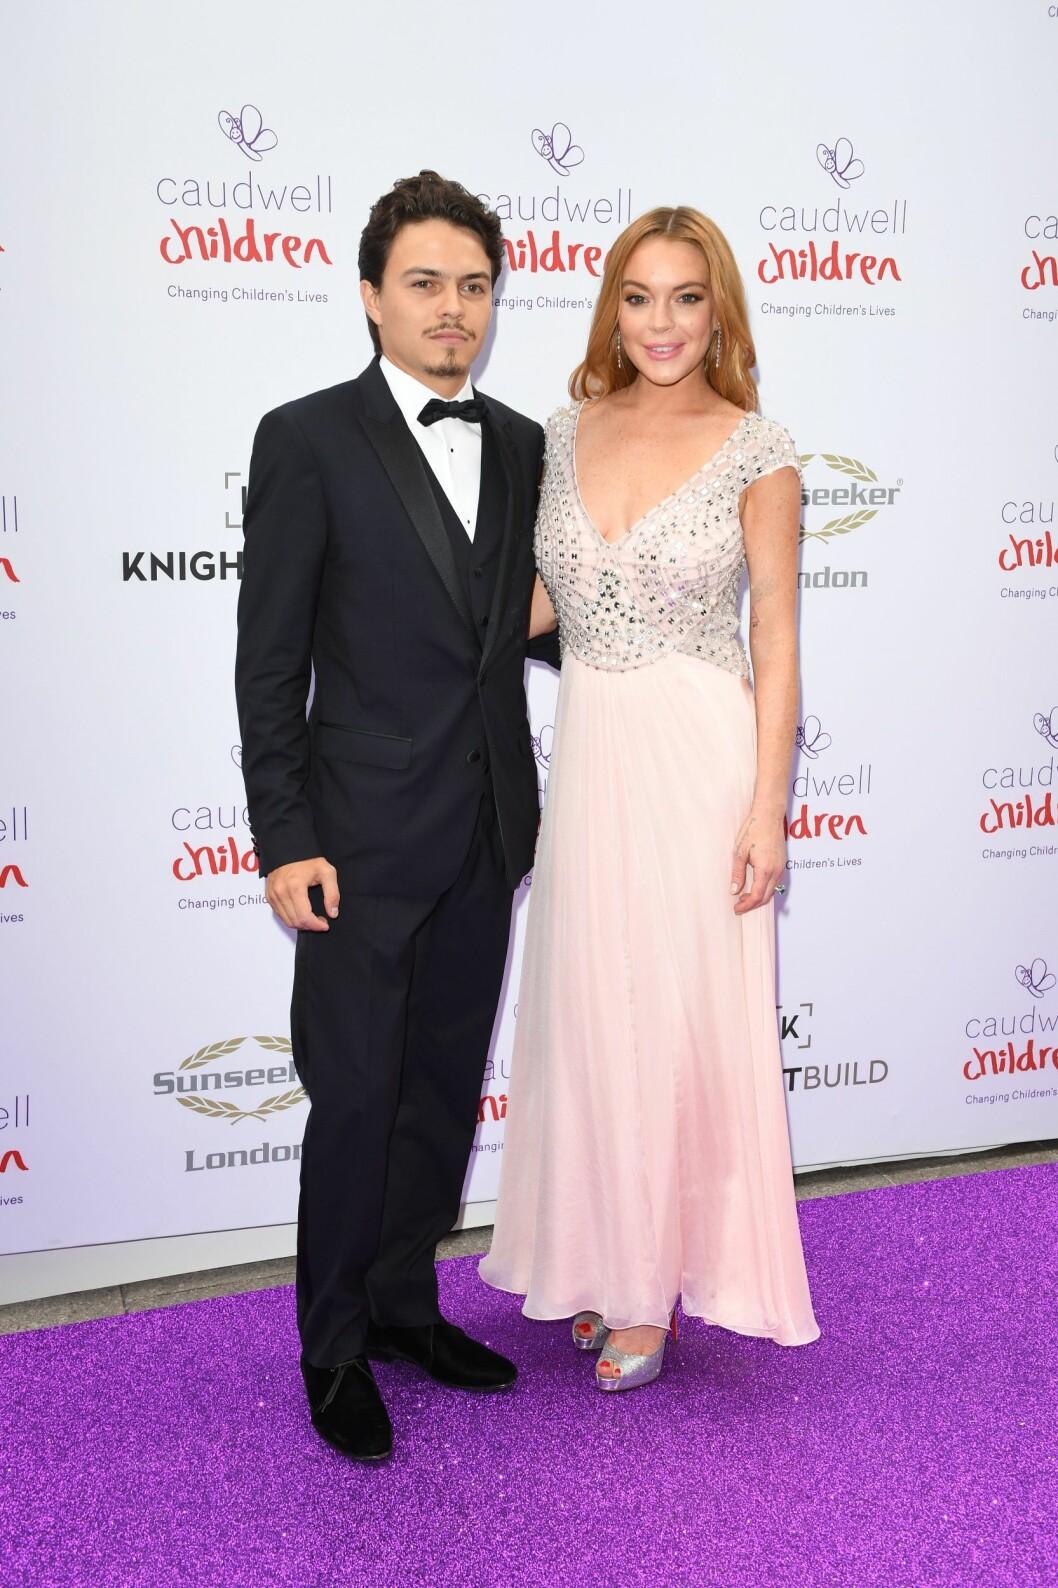 FLOTT PAR: Det gikk varmt i blitzlampende da Lindsay Lohan vise frem sin kjekke forlovede Egor Tarabasov. Foto: NTB Scanpix